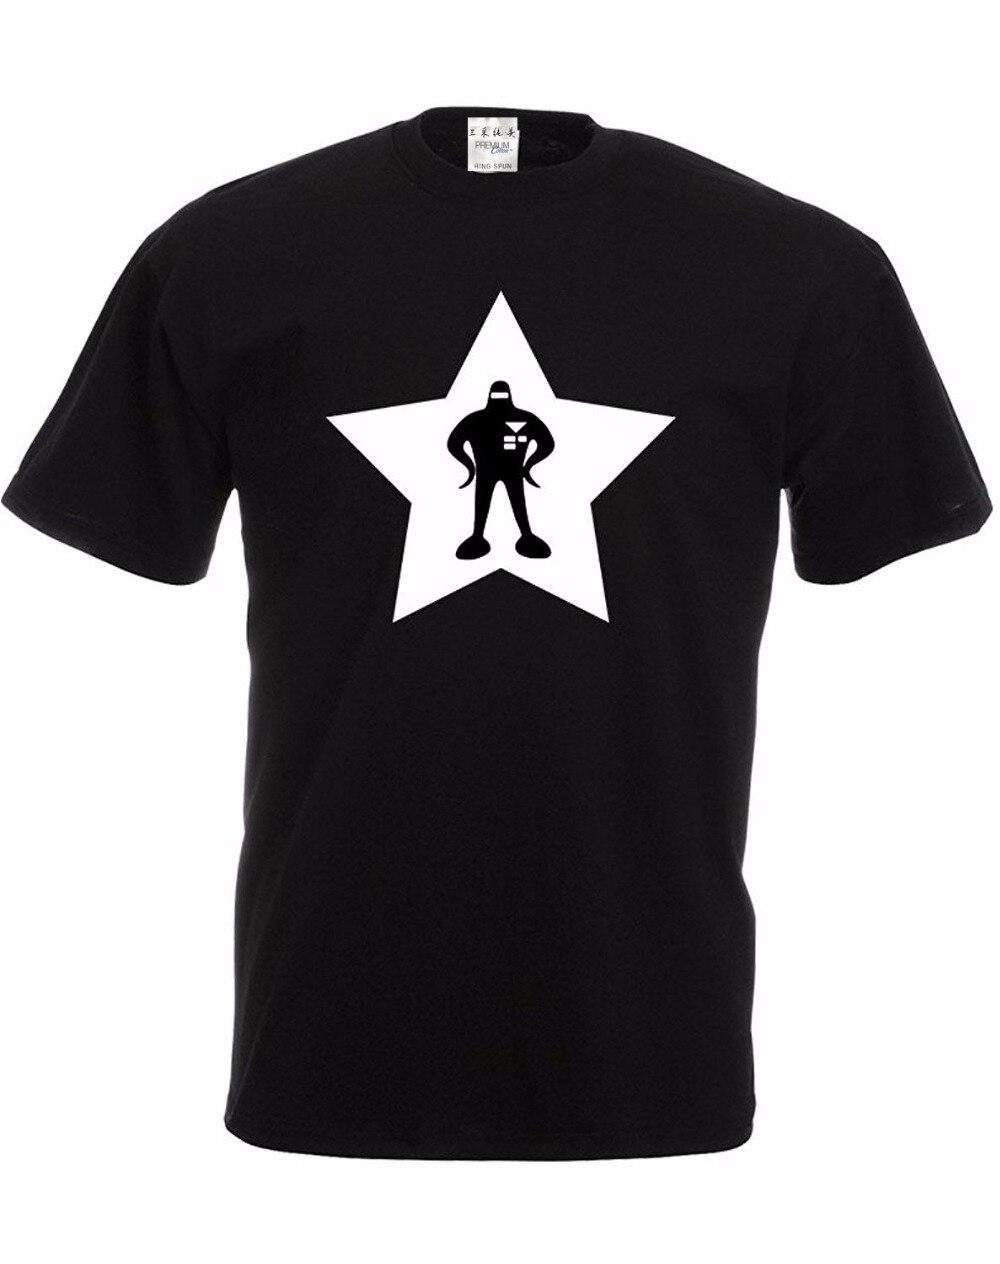 Camiseta 2019 de moda de verano para hombre, camiseta Hipster de cuello redondo Starman, Earthbound!, camiseta estampada para hombre